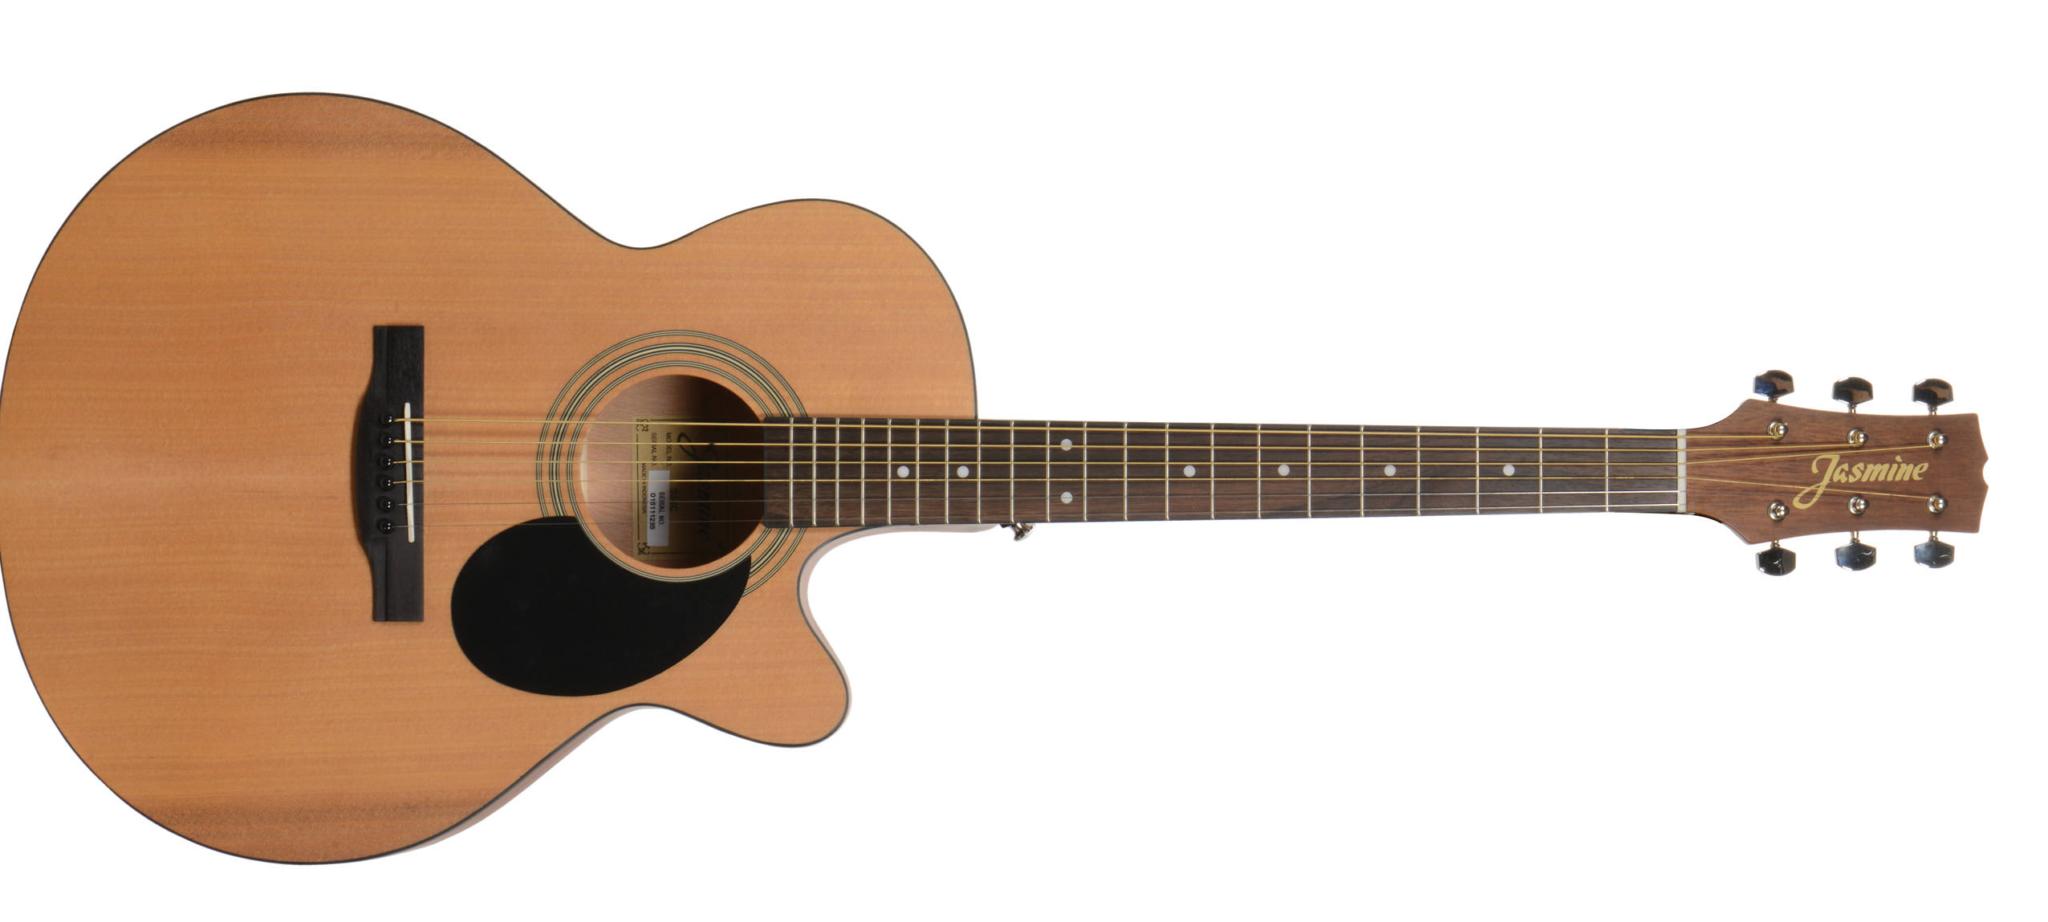 jasmine guitars